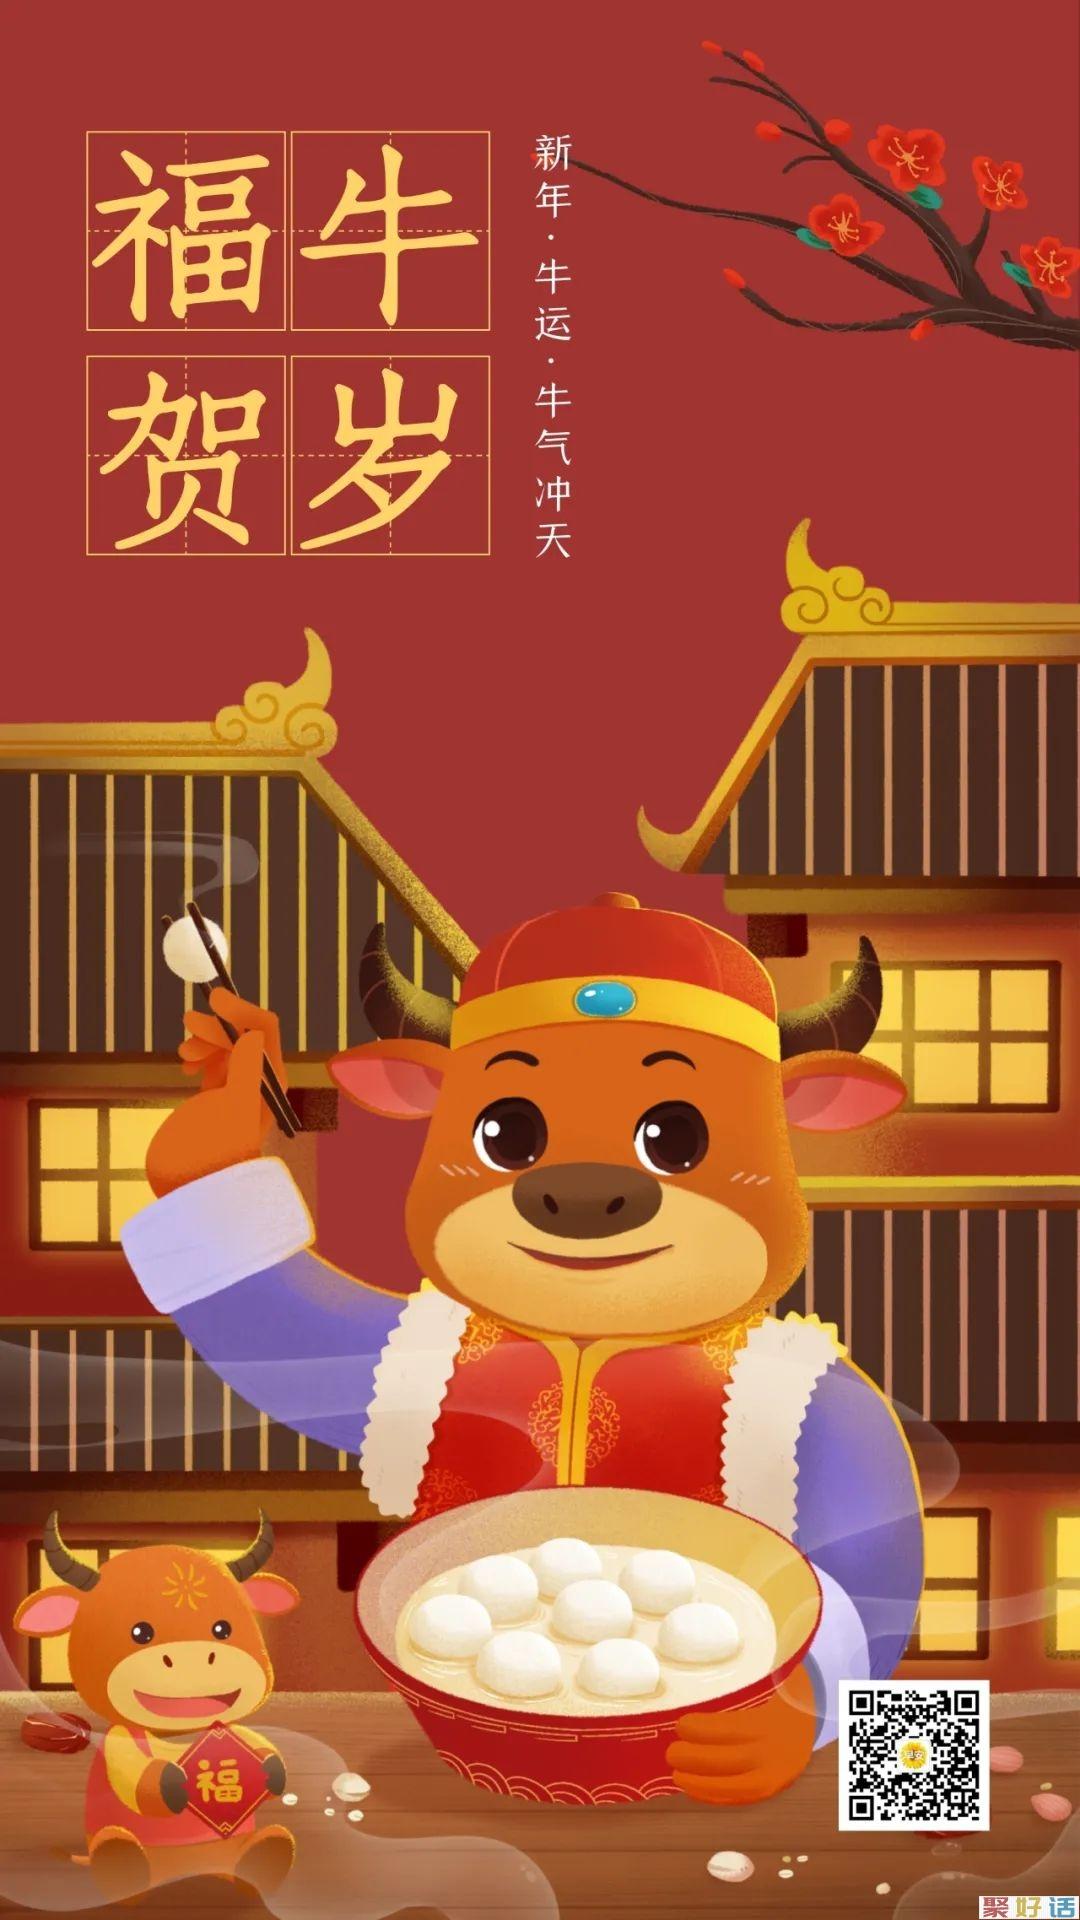 春节除夕神仙走心文案来袭!插图10